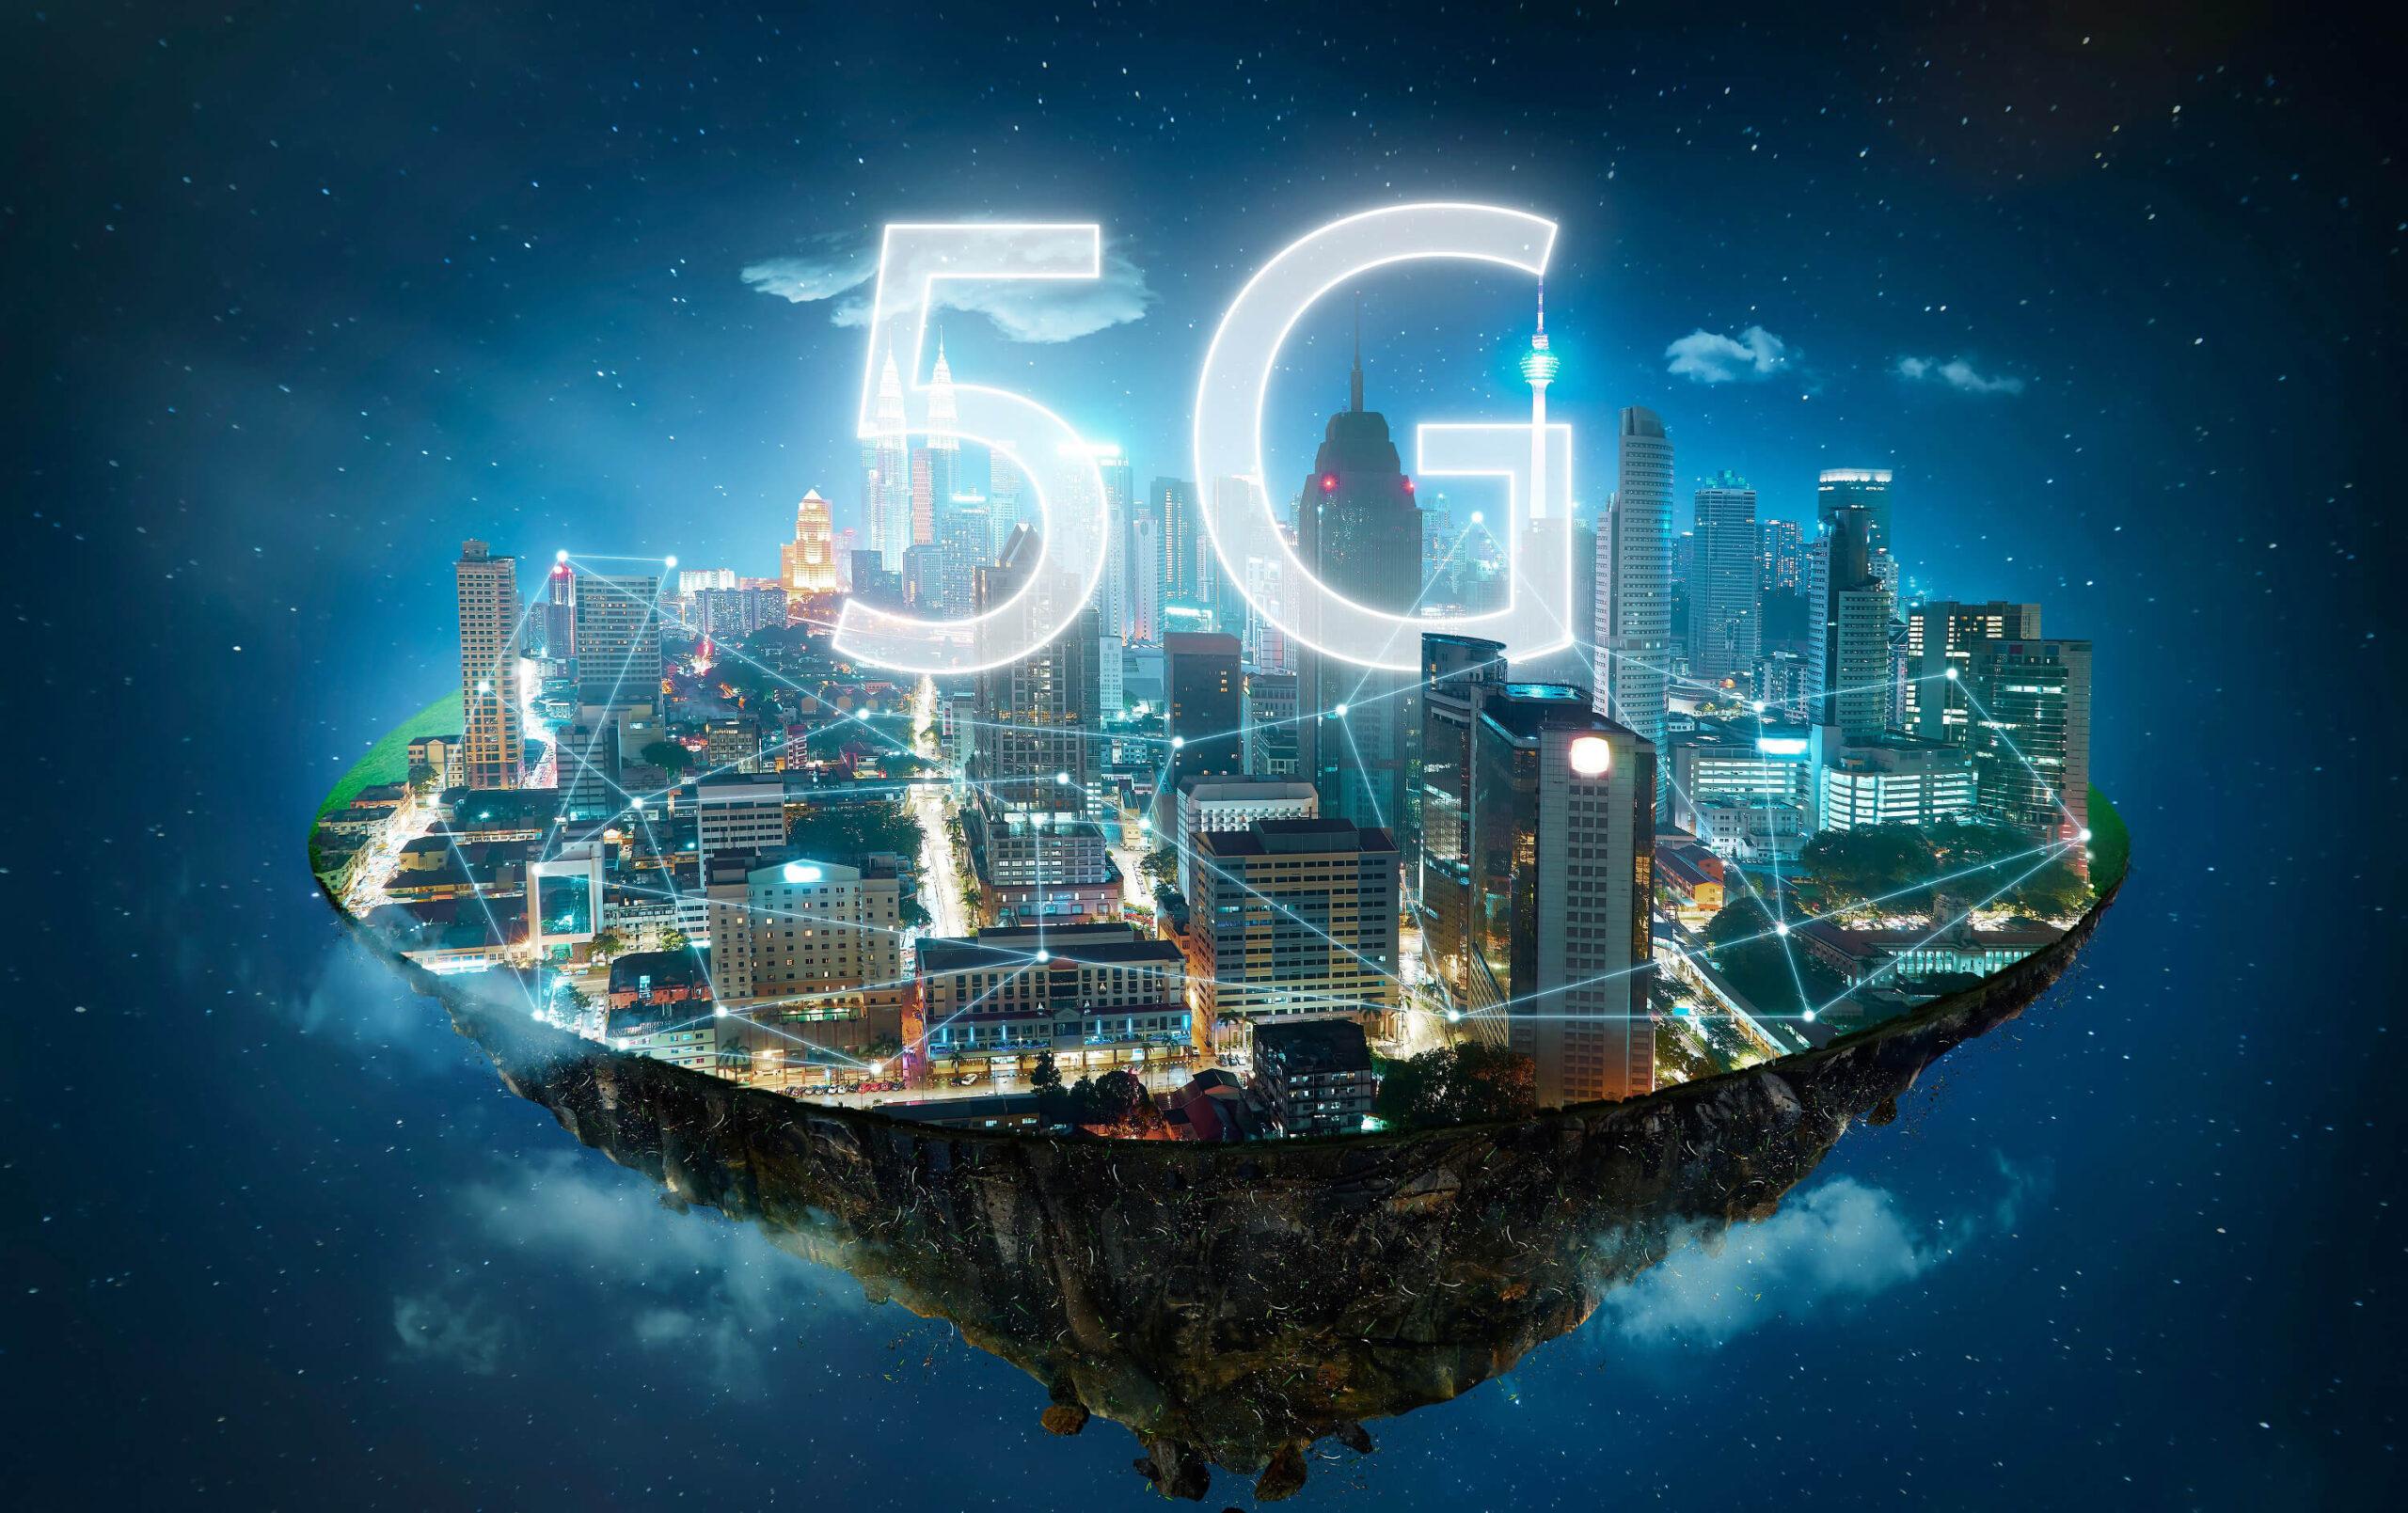 5G realidad aumentada